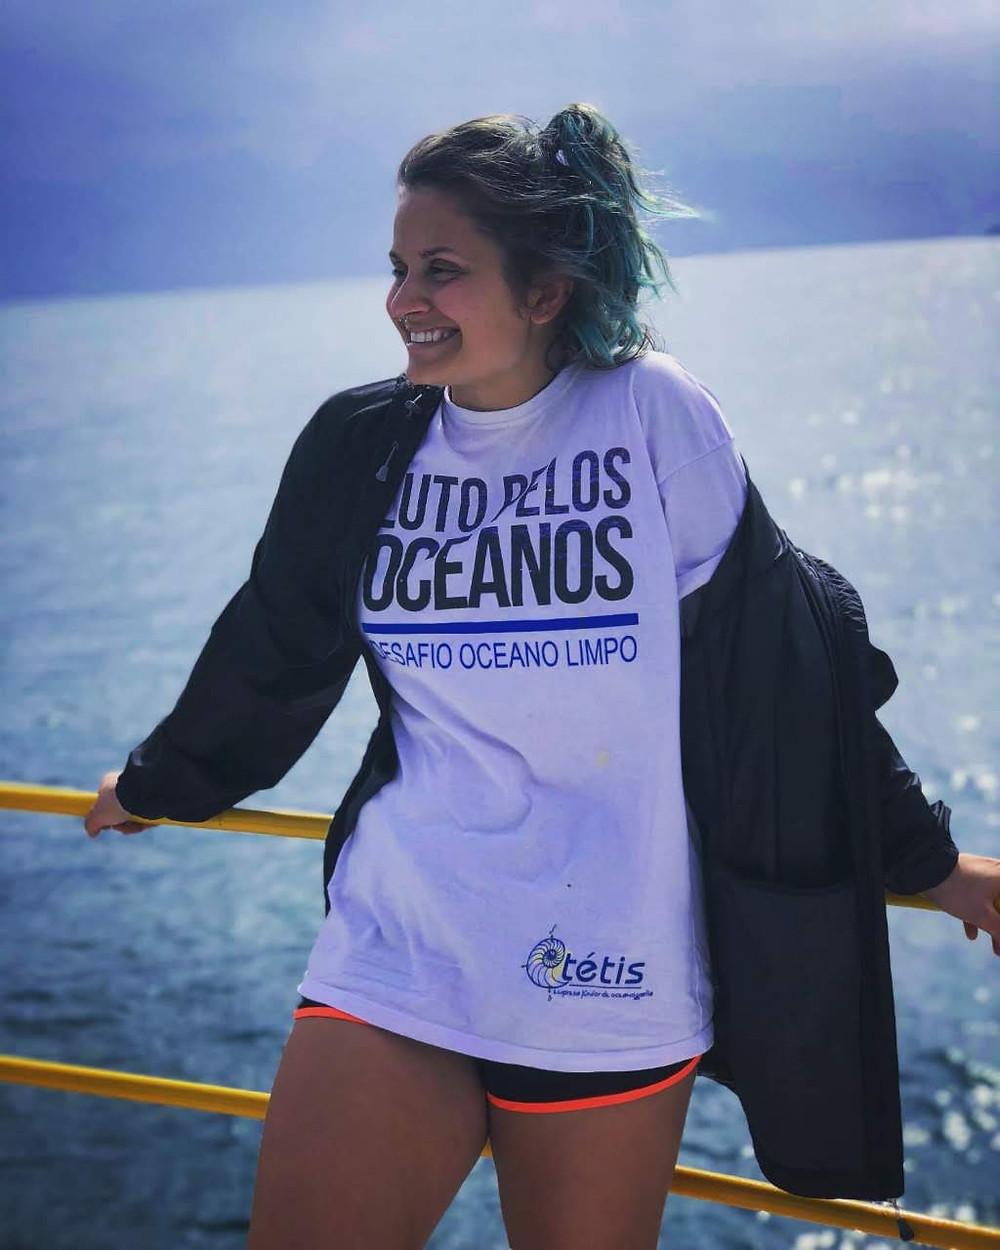 Imagem de Natasha Costa encostada em um corrimão com o mar ao fundo. Ela está com os cabelos presos, sorrindo e olhando para seu lado direito, vestindo uma blusa que tem a frase Luto pelos oceanos/ Desafio oceano limpo, com um casaco preto e um short curto